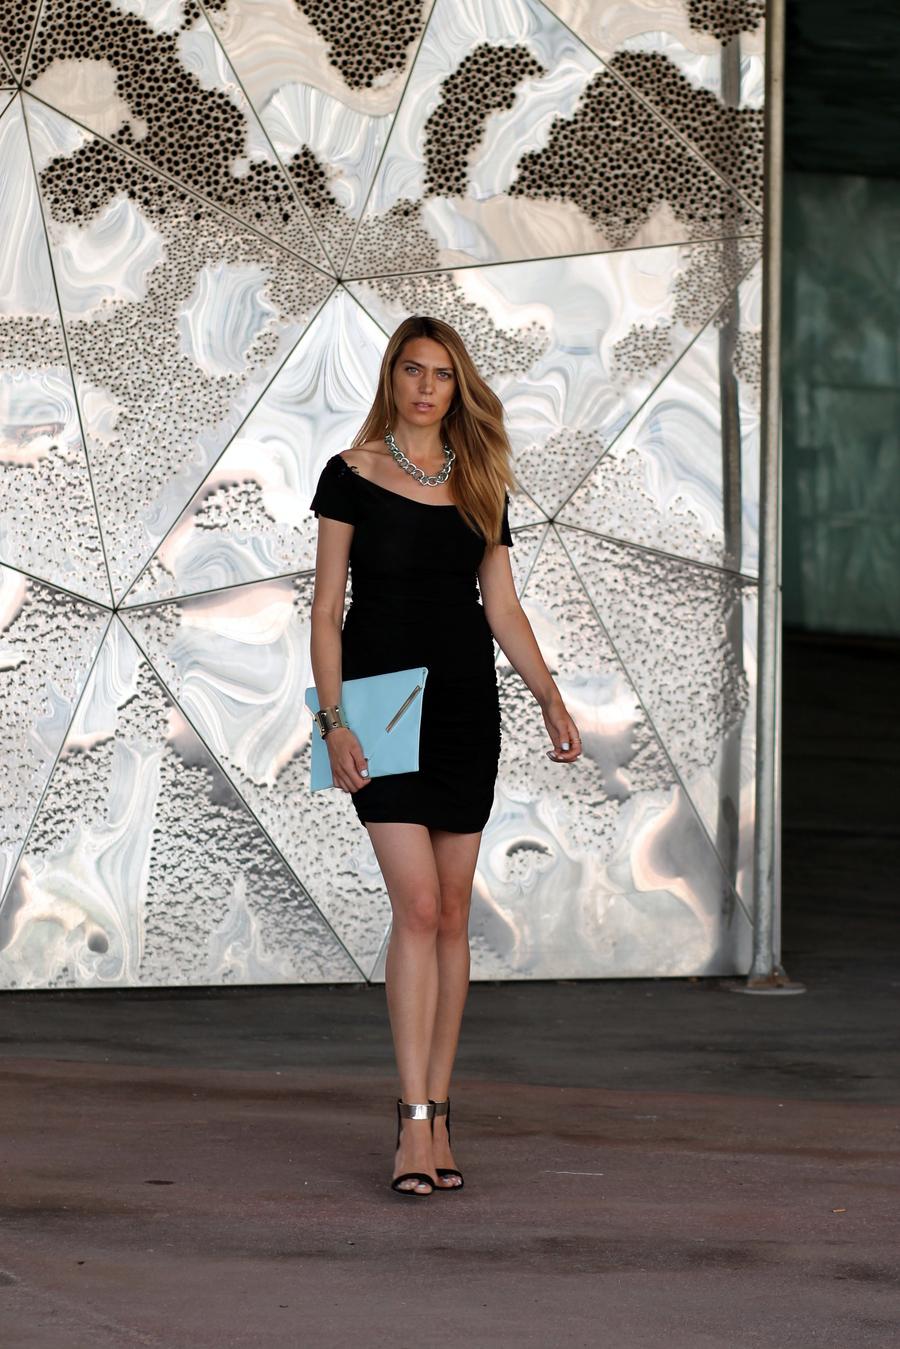 Blonde model with black short dress